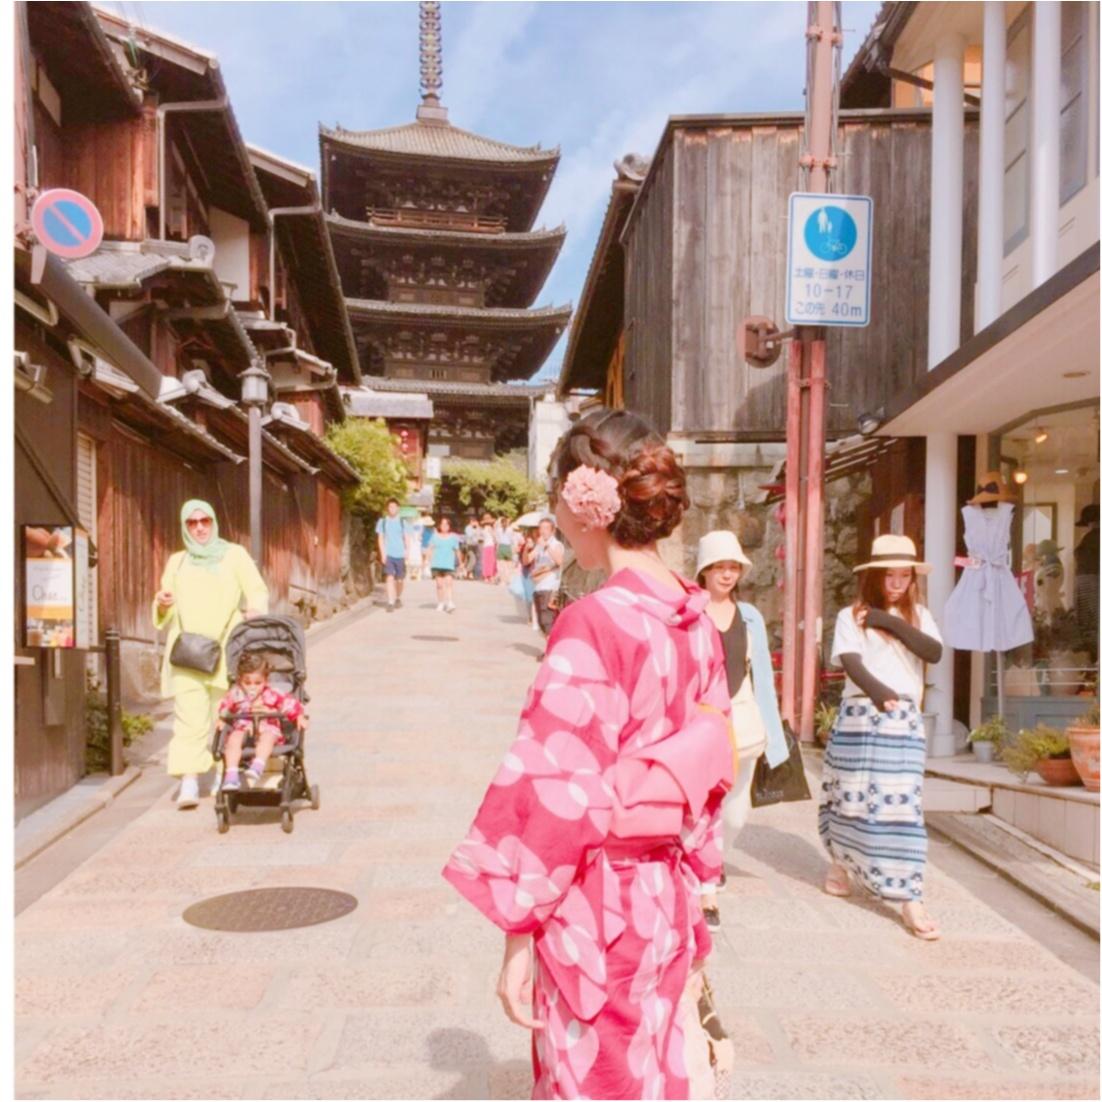 京都女子旅特集《2019年版》- 旅する女子がおすすめする、インスタ映えスポットやカフェ、レンタル着物は?_81